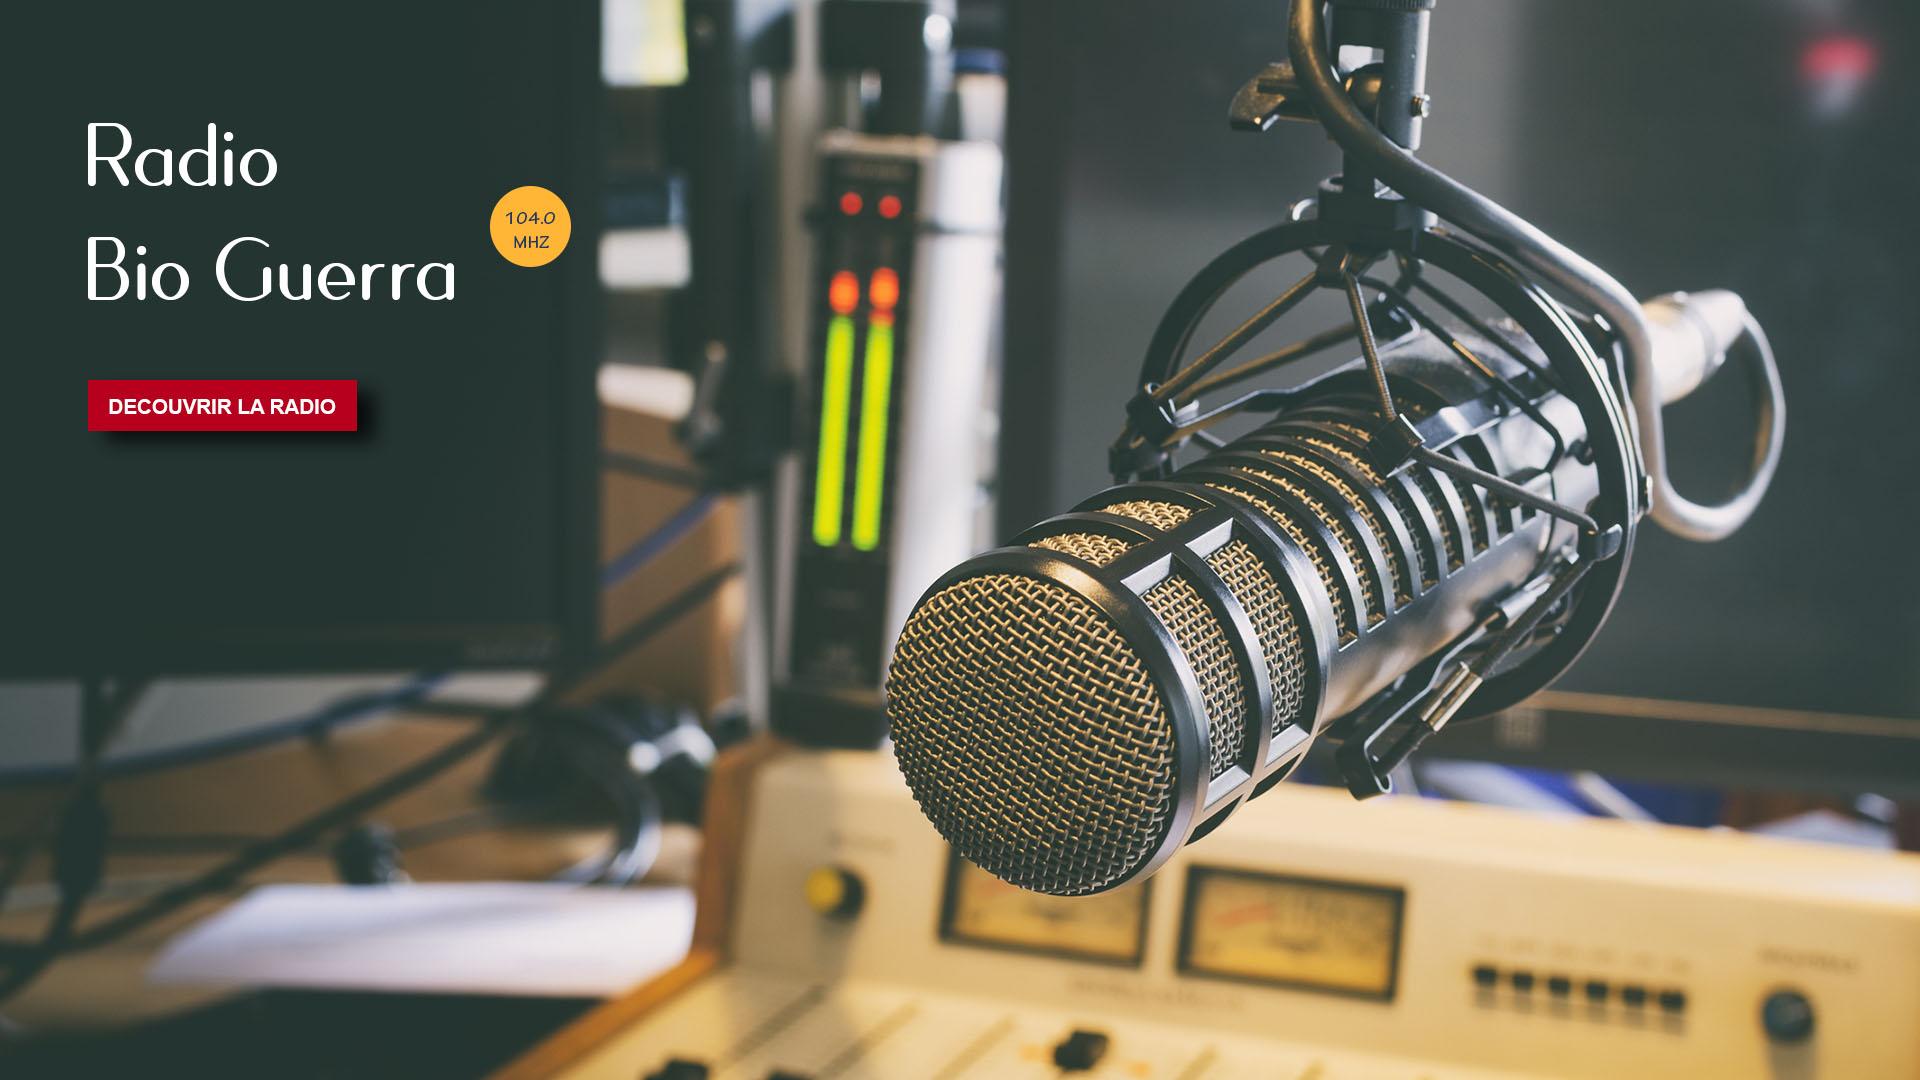 Bienvenue sur le portail de Radio Bio Guerra